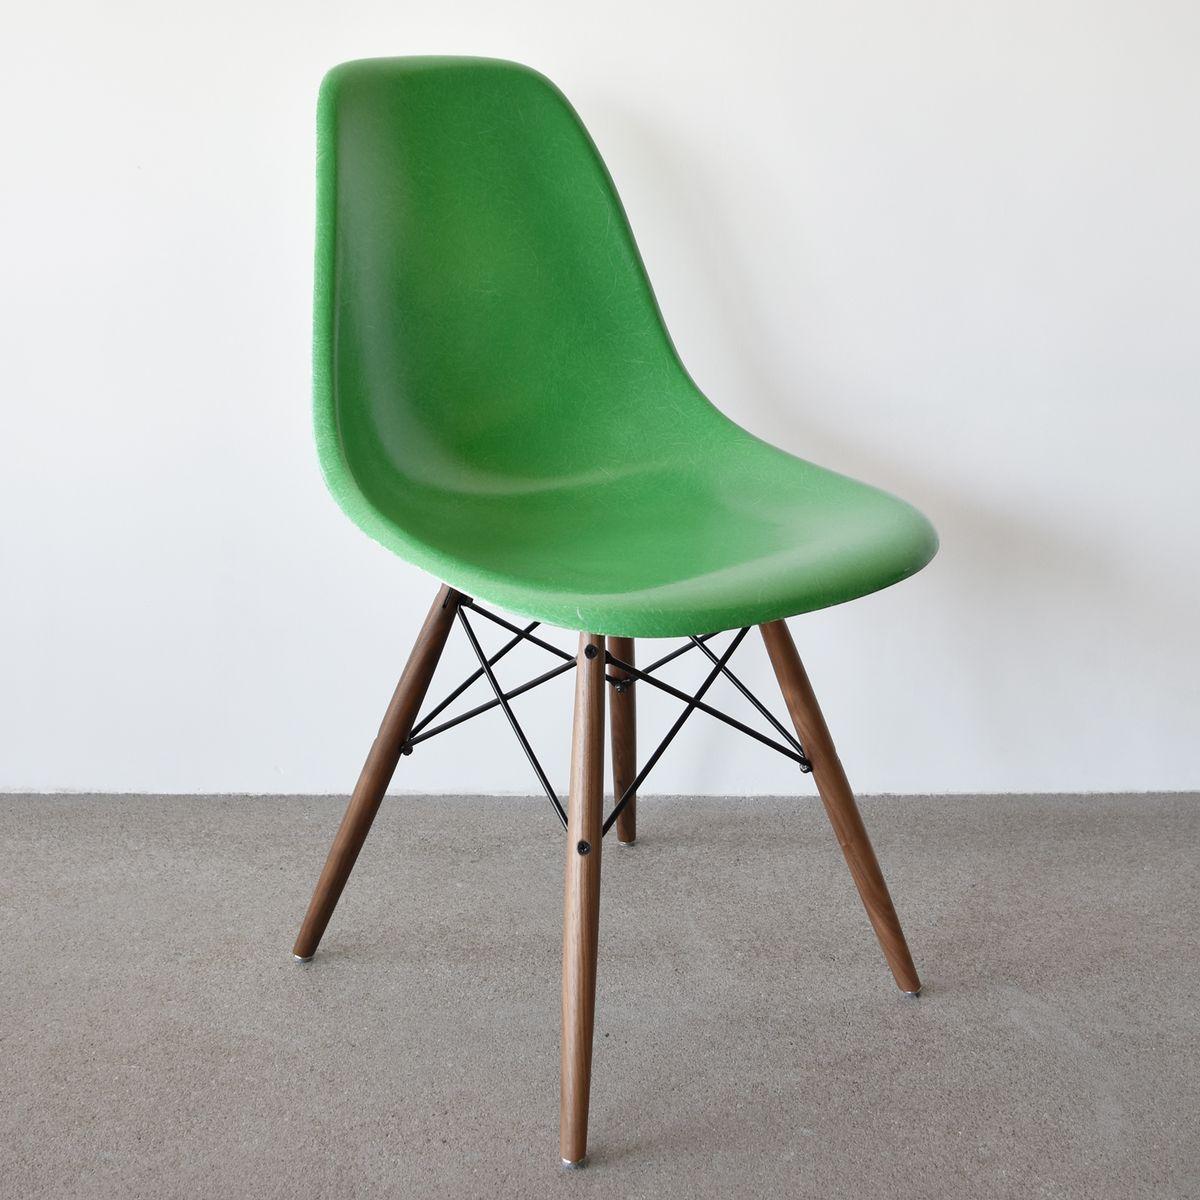 gelbgr ner dsw chair von charles ray eames f r herman miller bei pamono kaufen. Black Bedroom Furniture Sets. Home Design Ideas